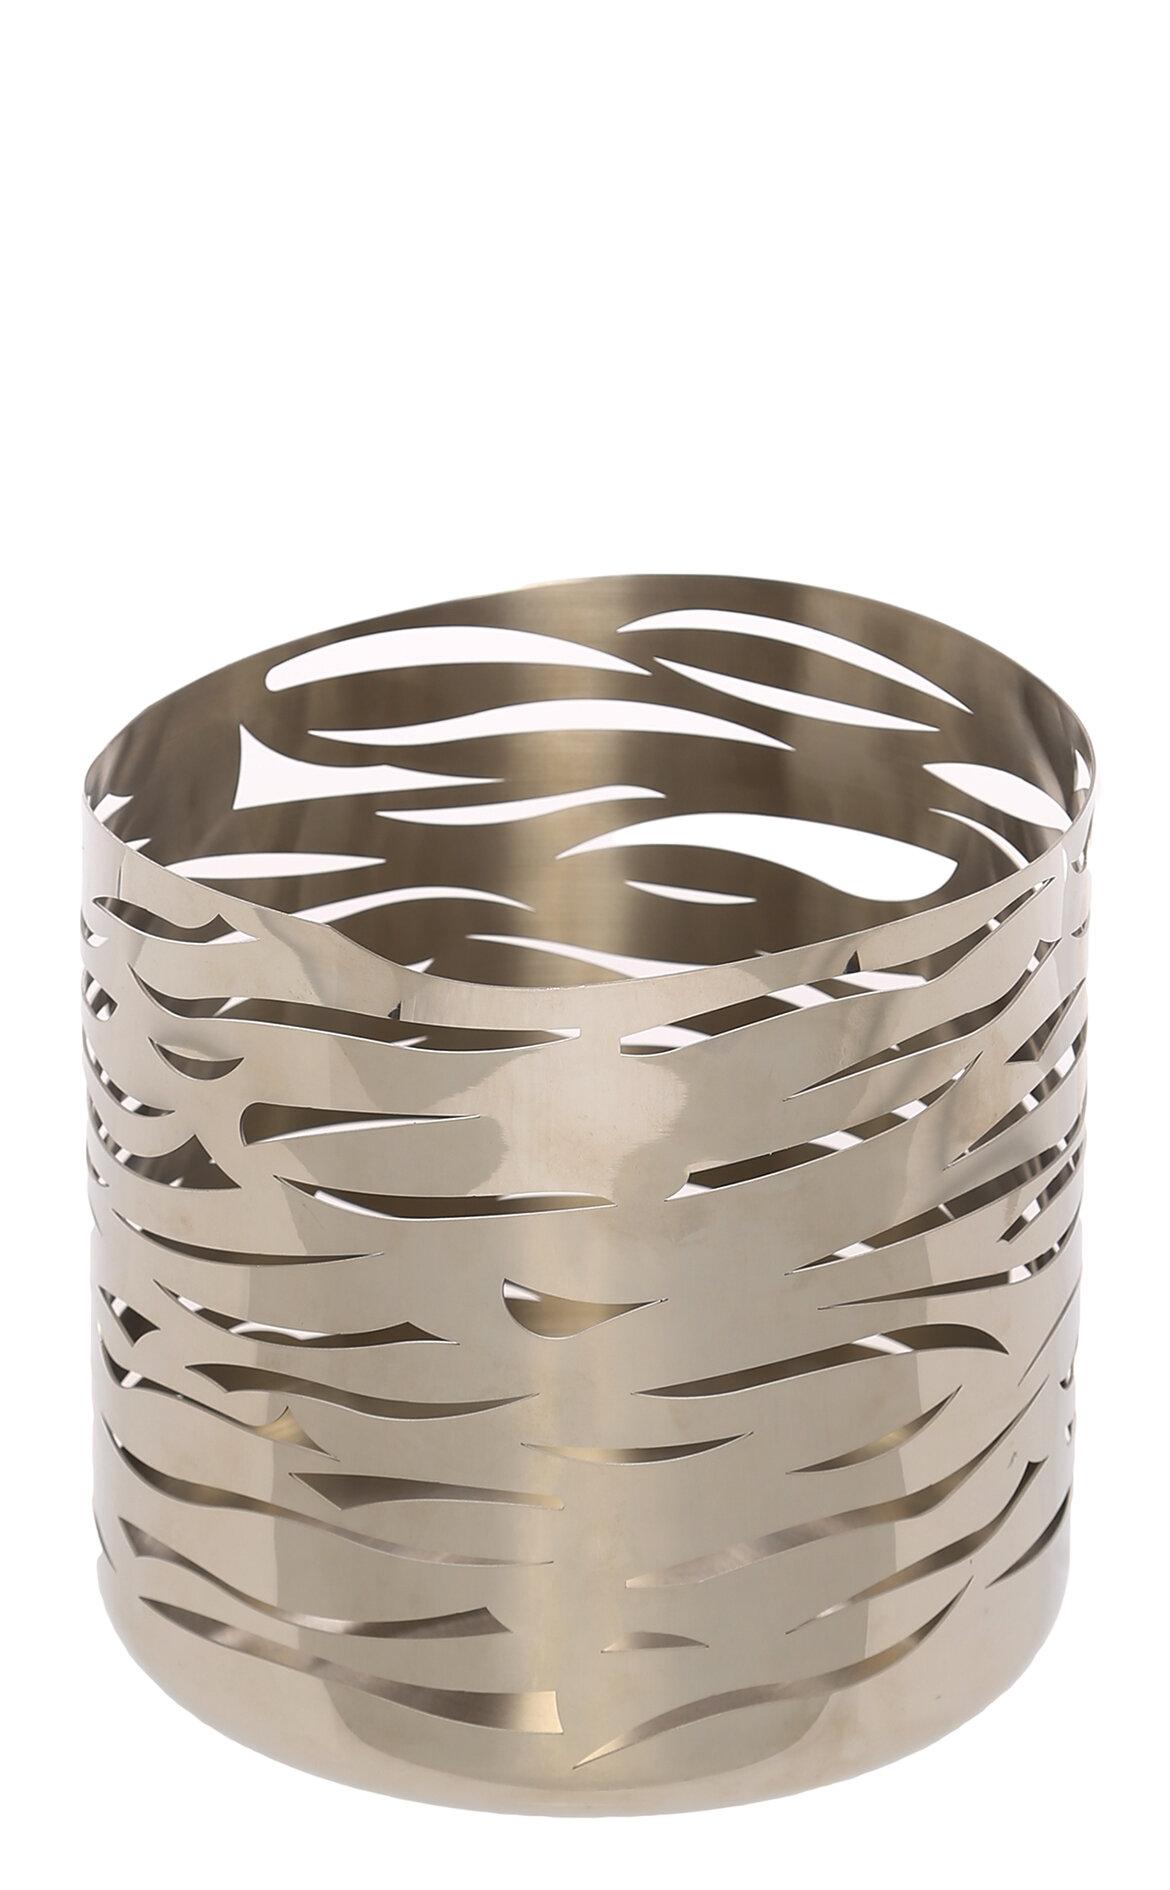 Steelforme Sepet